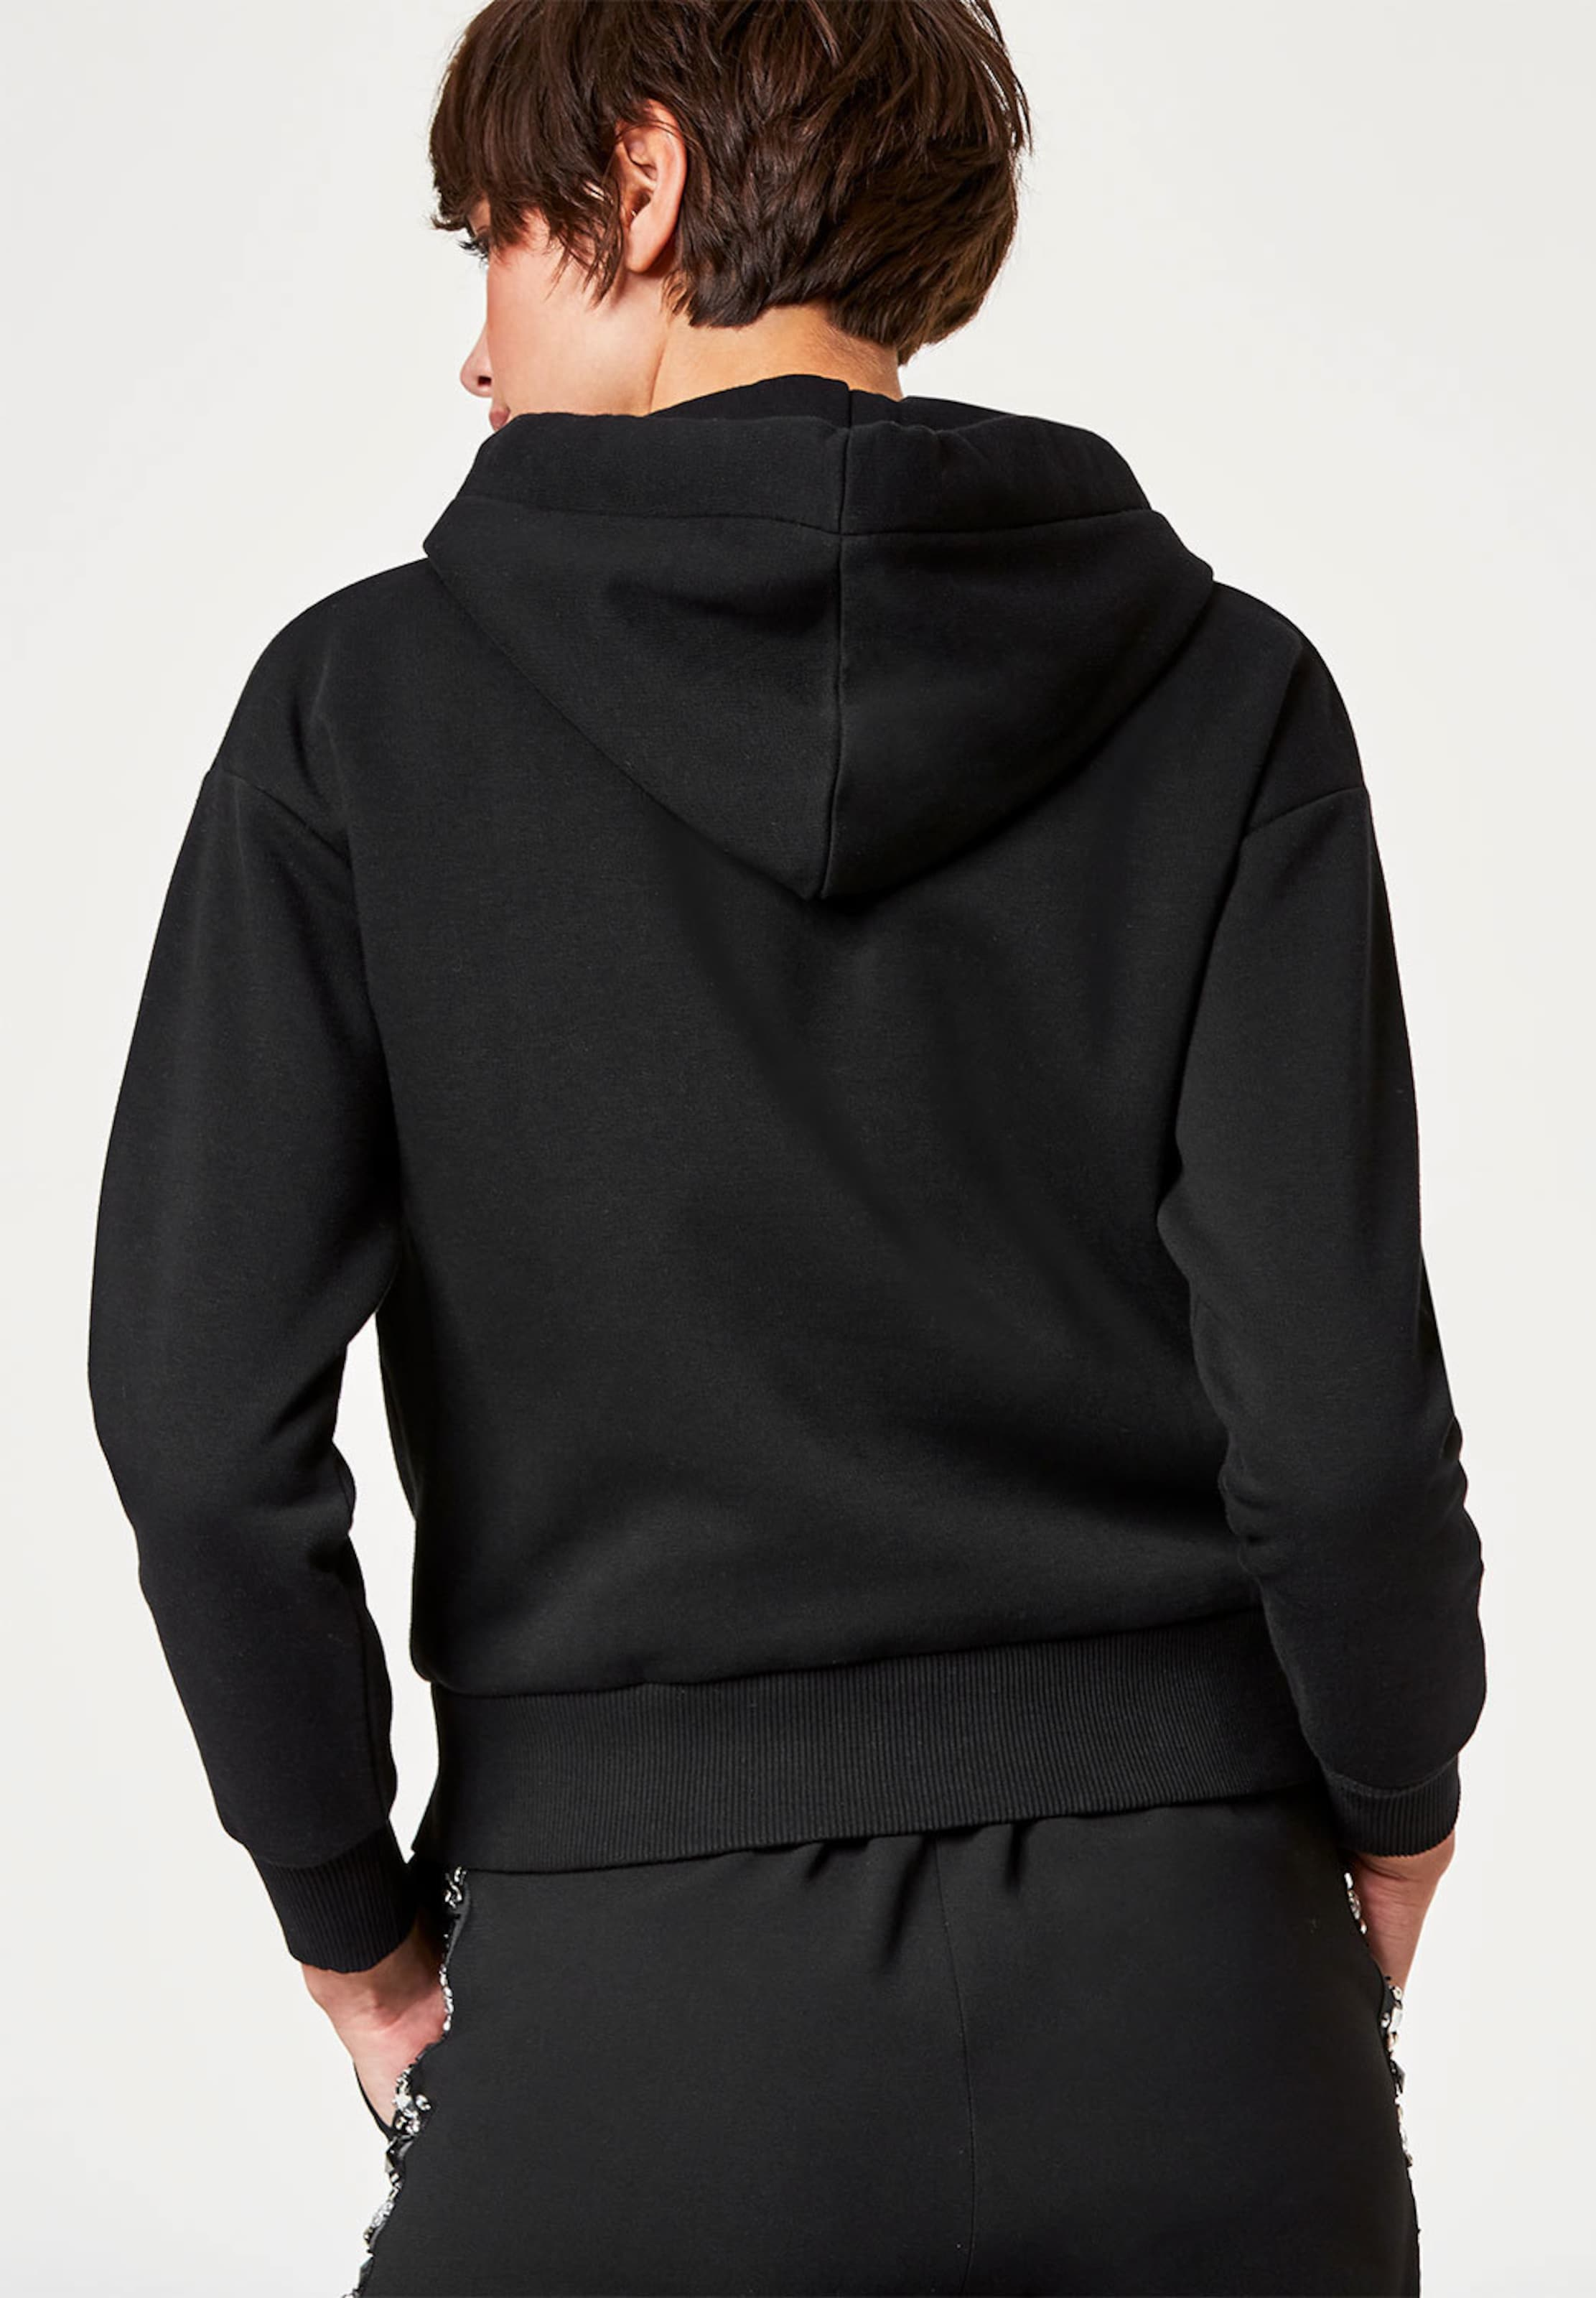 Verkauf Günstiger Preis HALLHUBER Kurzes Sweatshirt mit Strassband Online Kaufen Authentisch Billig Verkauf Niedrig Versandkosten Spielraum Online Ebay Rabatt Breite Palette Von y3zTmw